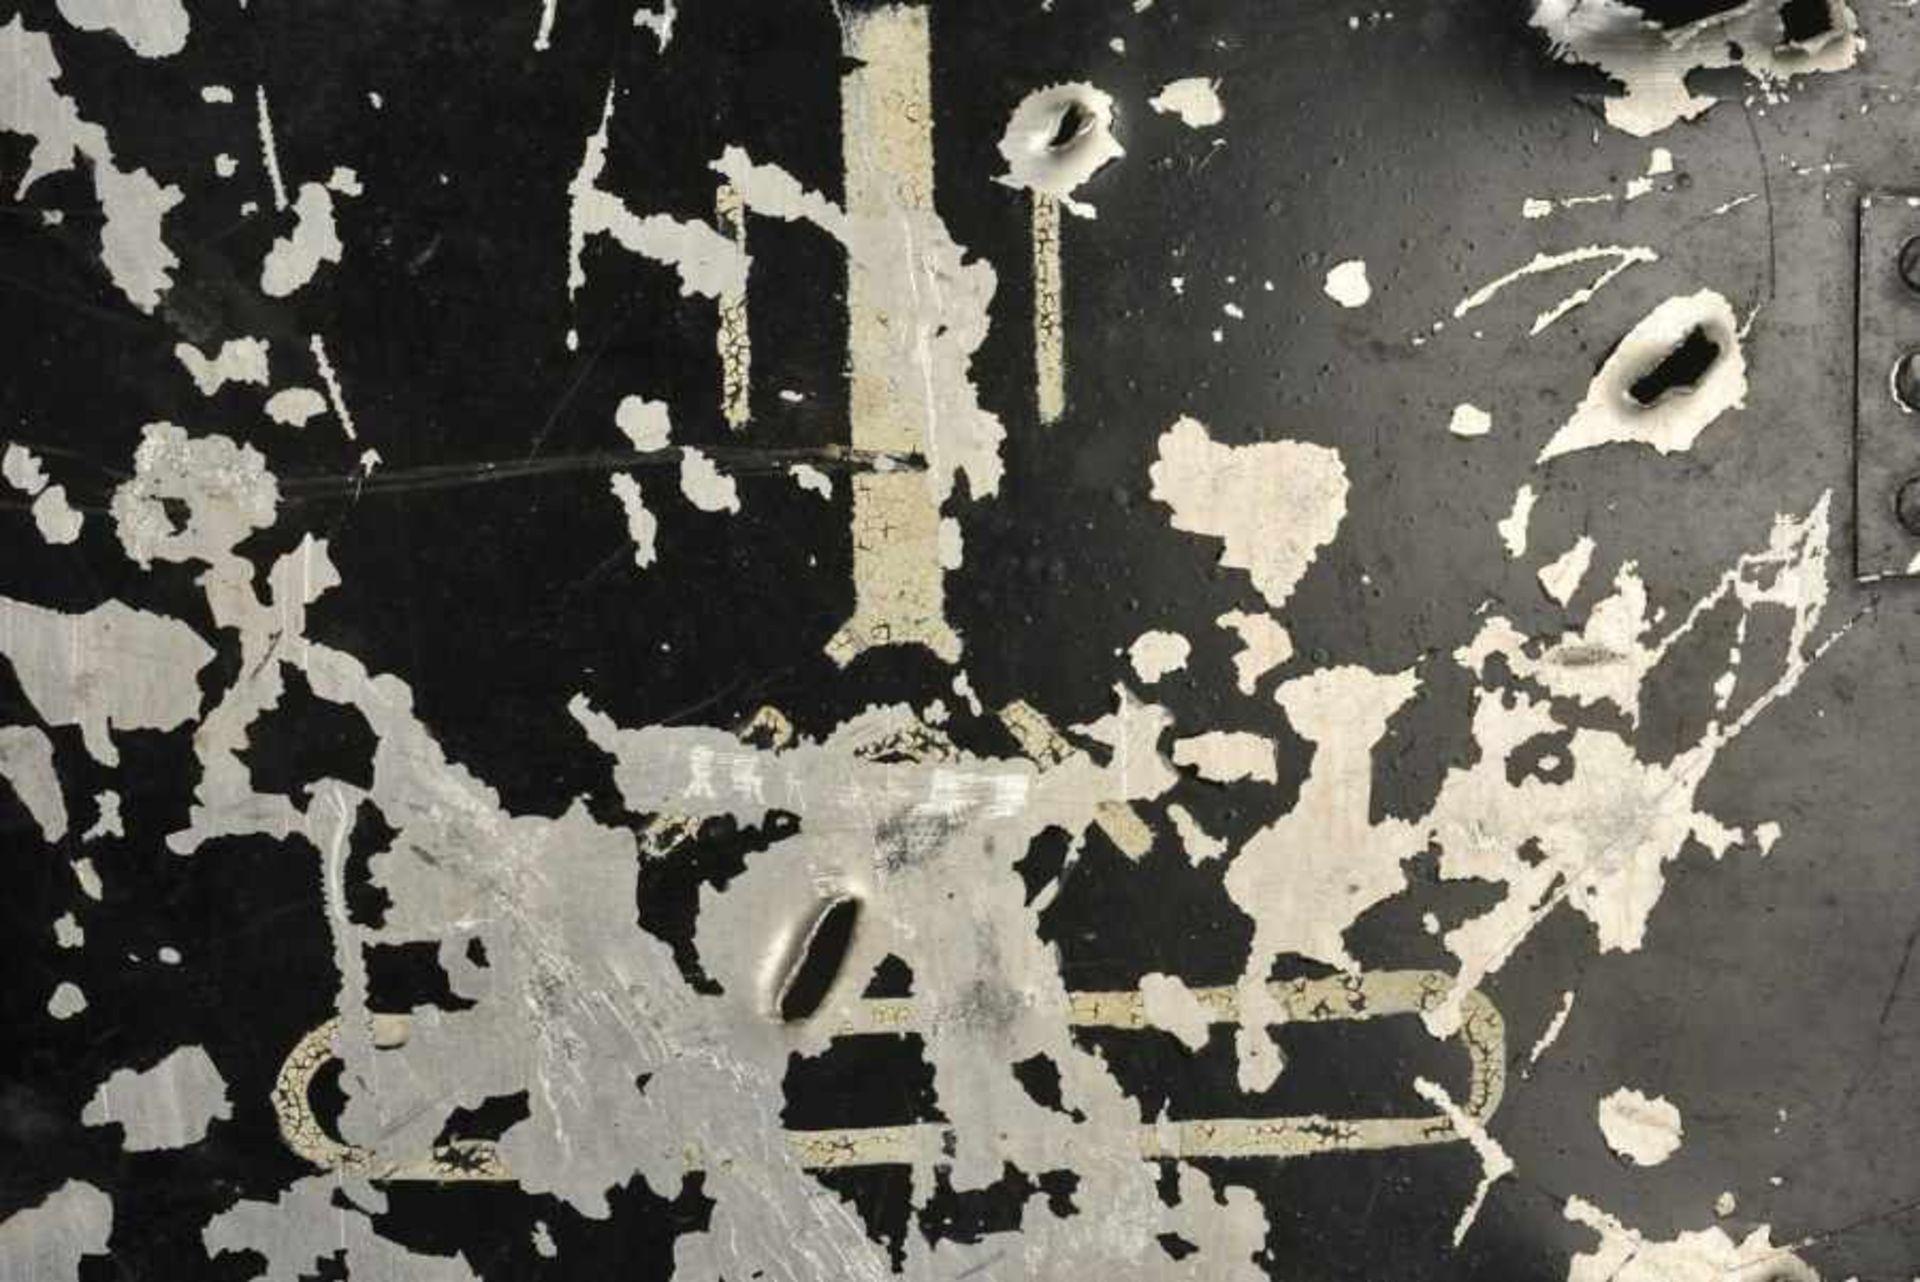 Panneau avec impact de l'Etat Major d'une Companie de Nebelwerfer motorisé. Sign riddled with bullet - Bild 4 aus 4